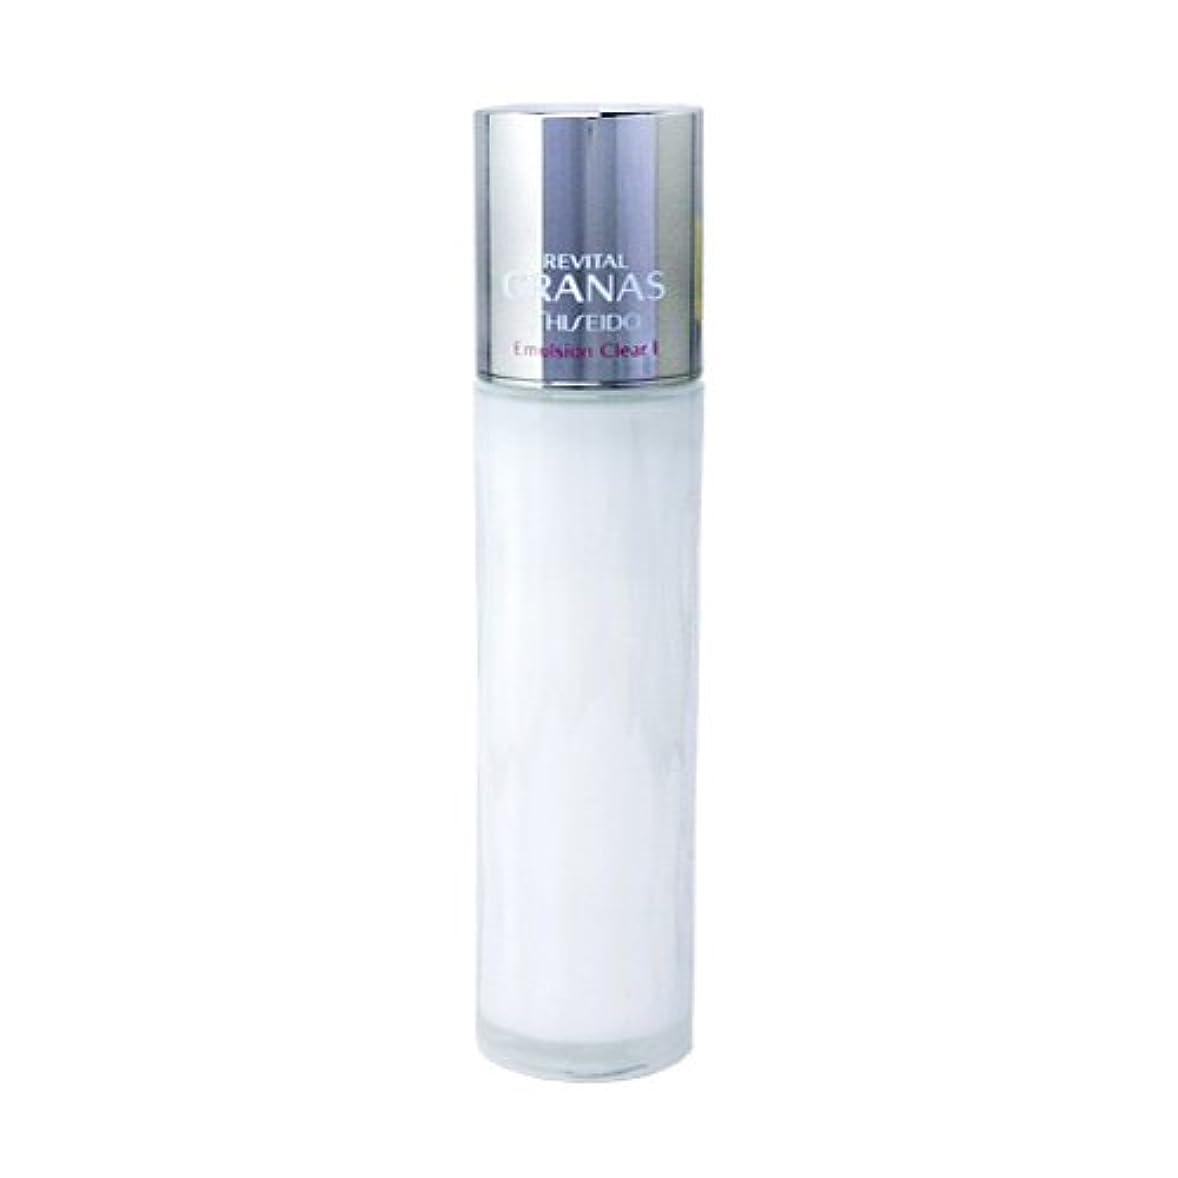 水銀の乳剤感謝している資生堂 リバイタルグラナス REVITAL GRANAS エマルジョンクリア 110mL【IIn】